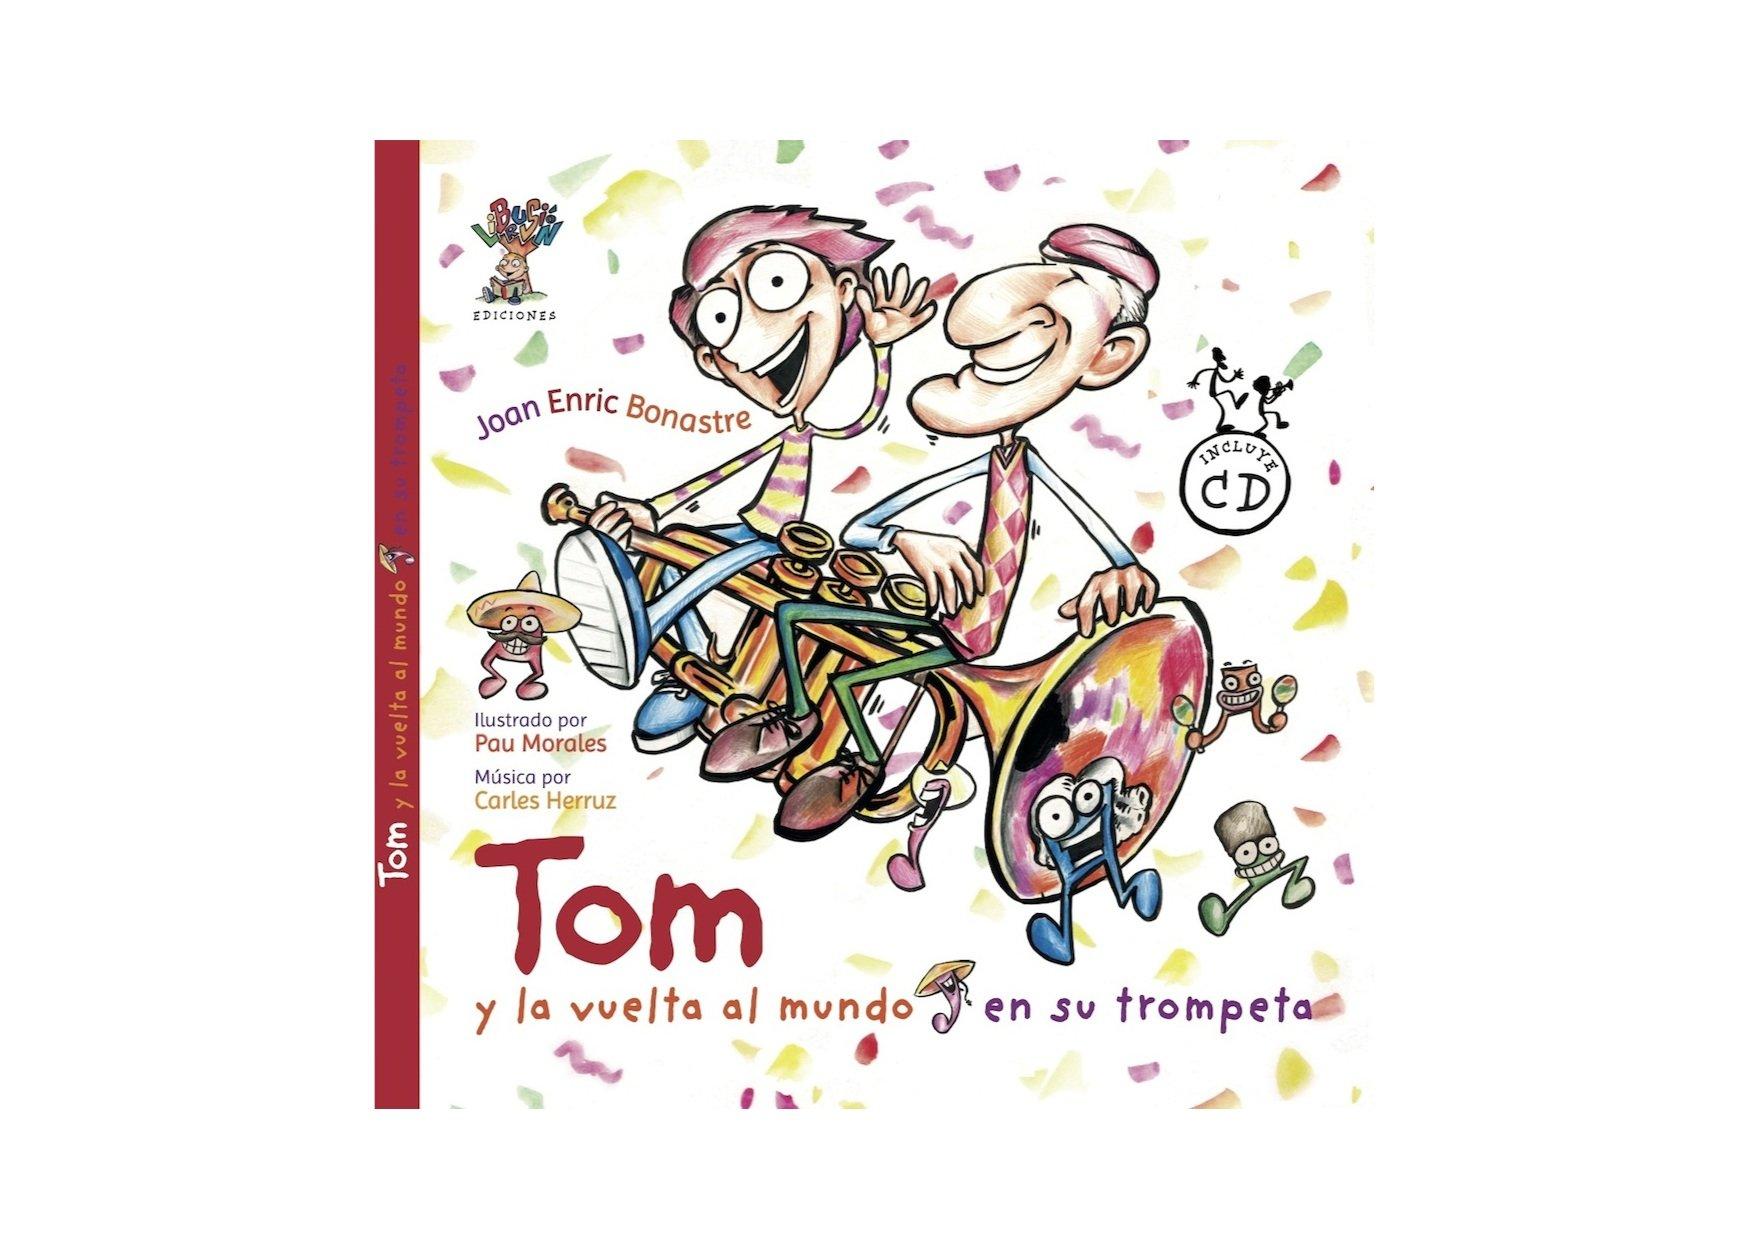 Tom y la vuelta al mundo en trompeta.: Amazon.es: Joan Enric ...